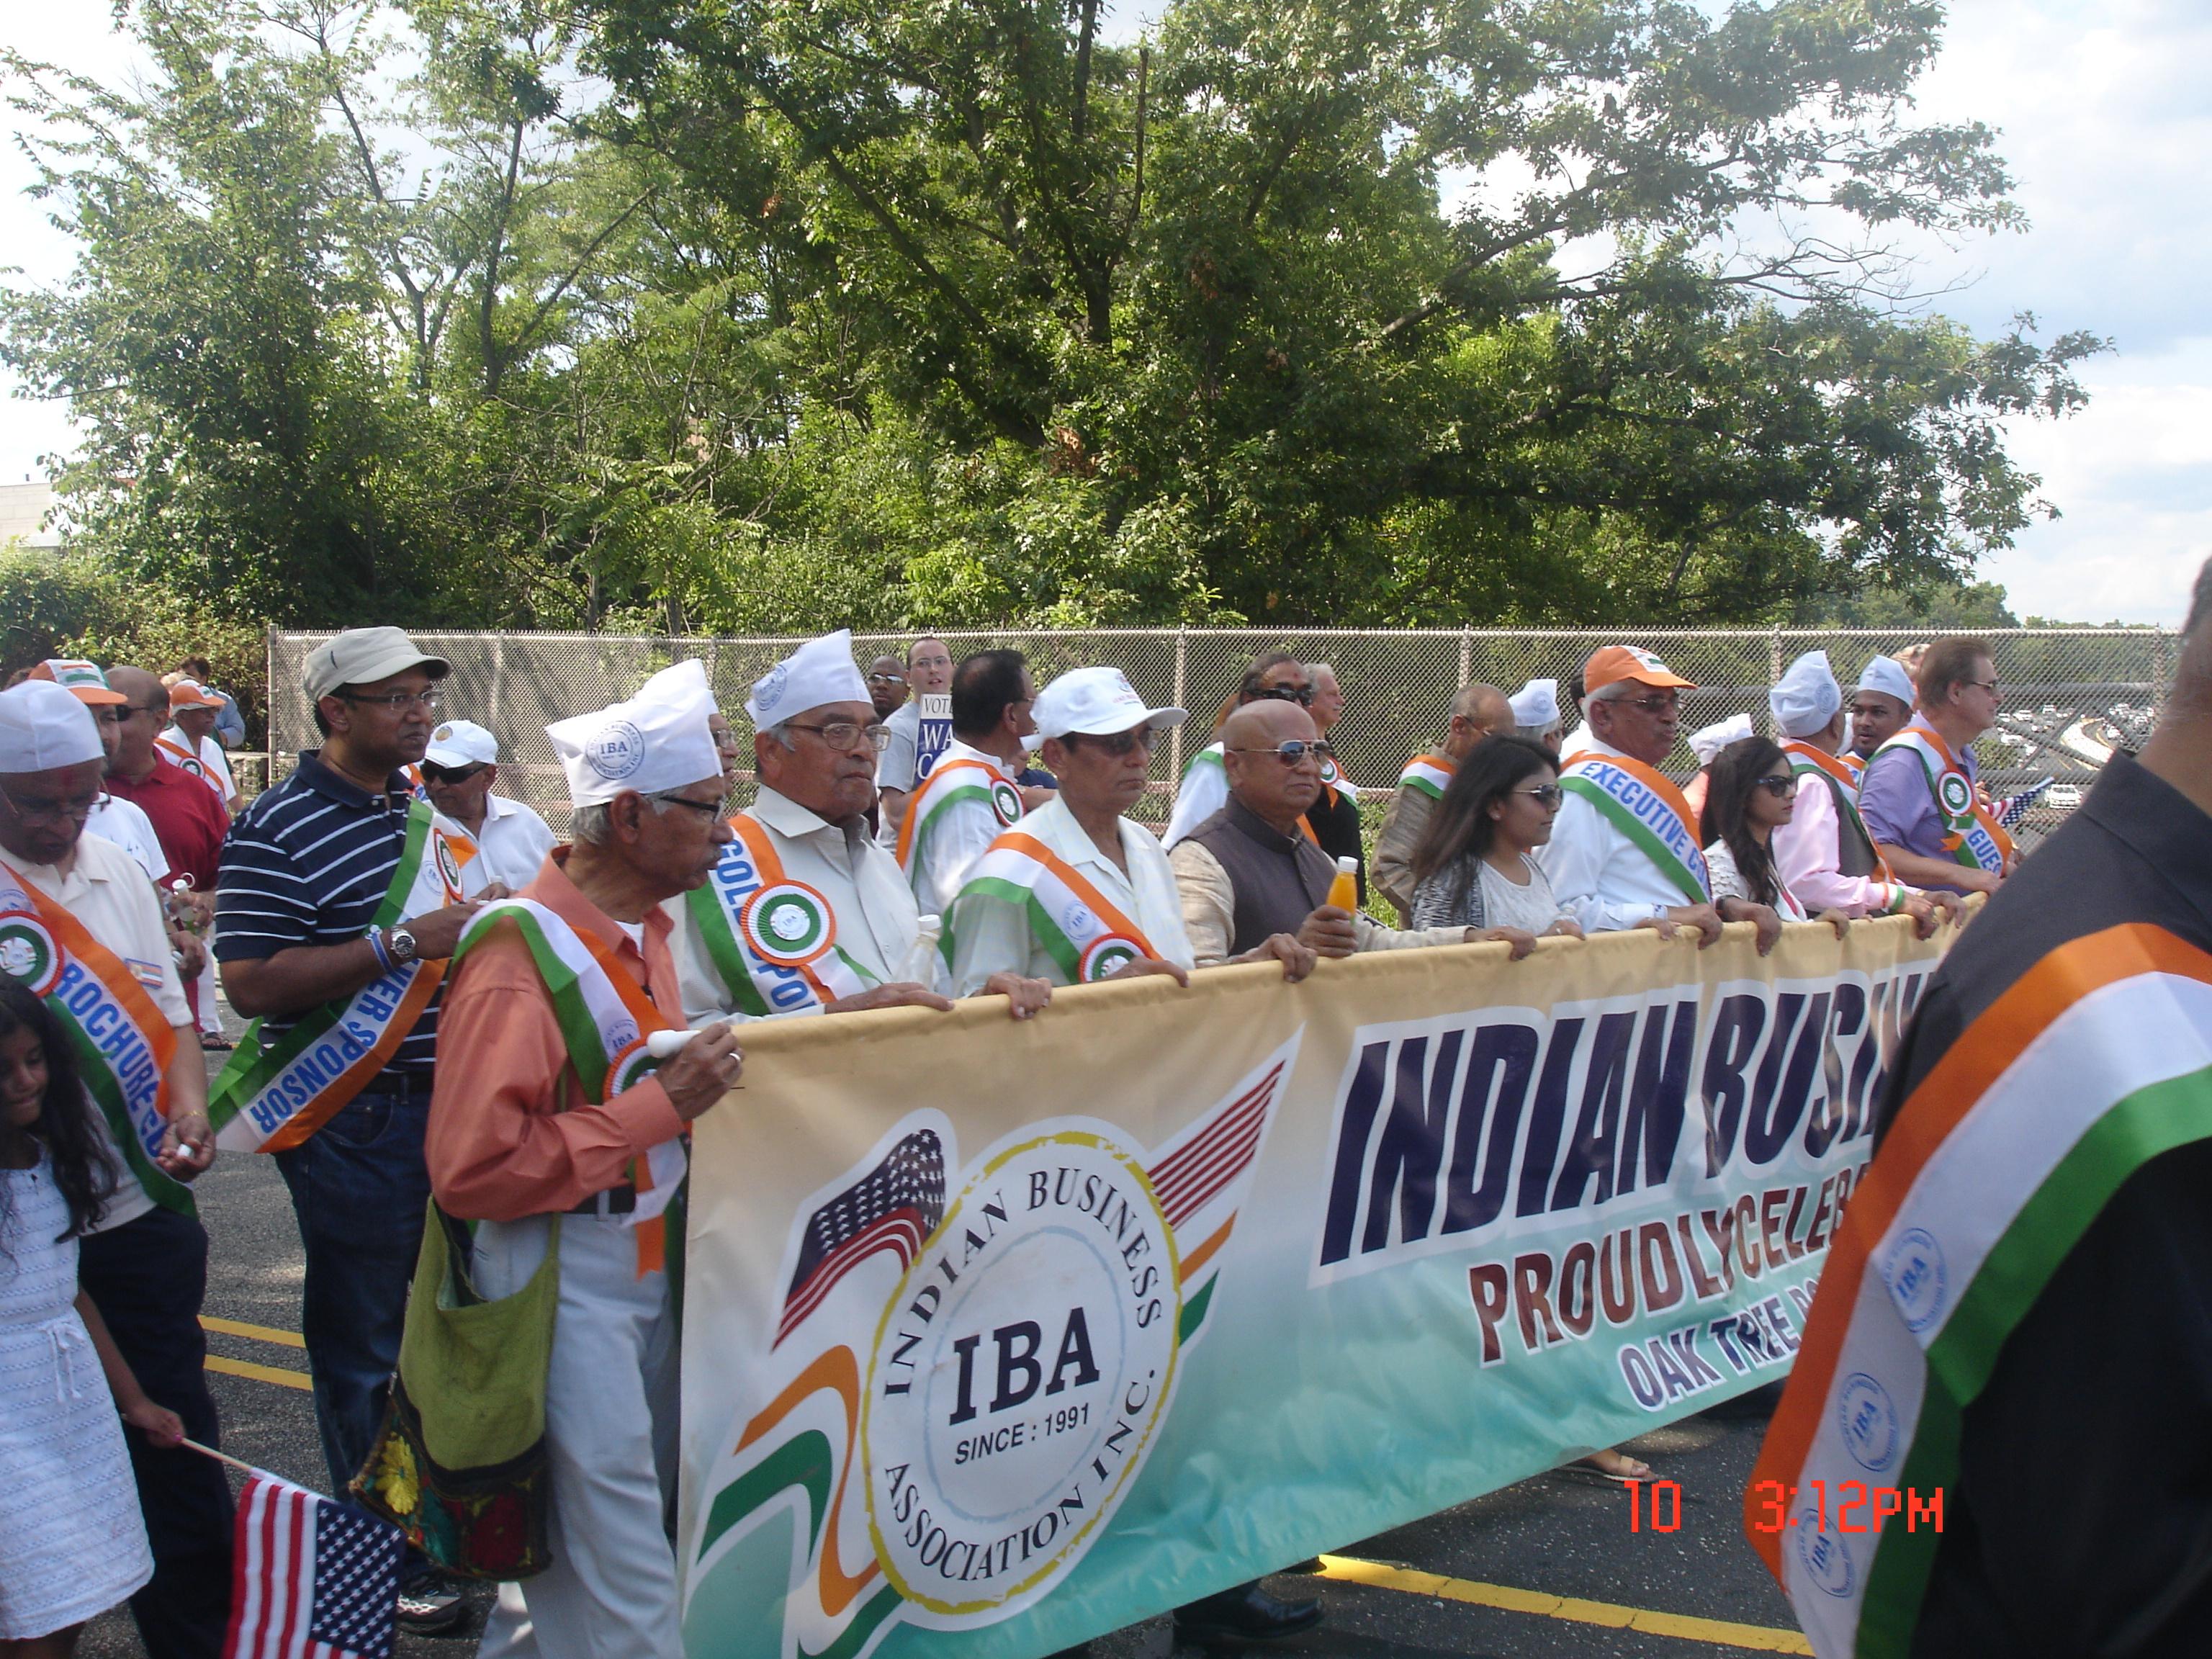 ea32e844b4eb4951ece3_IBA_1_India_Day_Parade.JPG